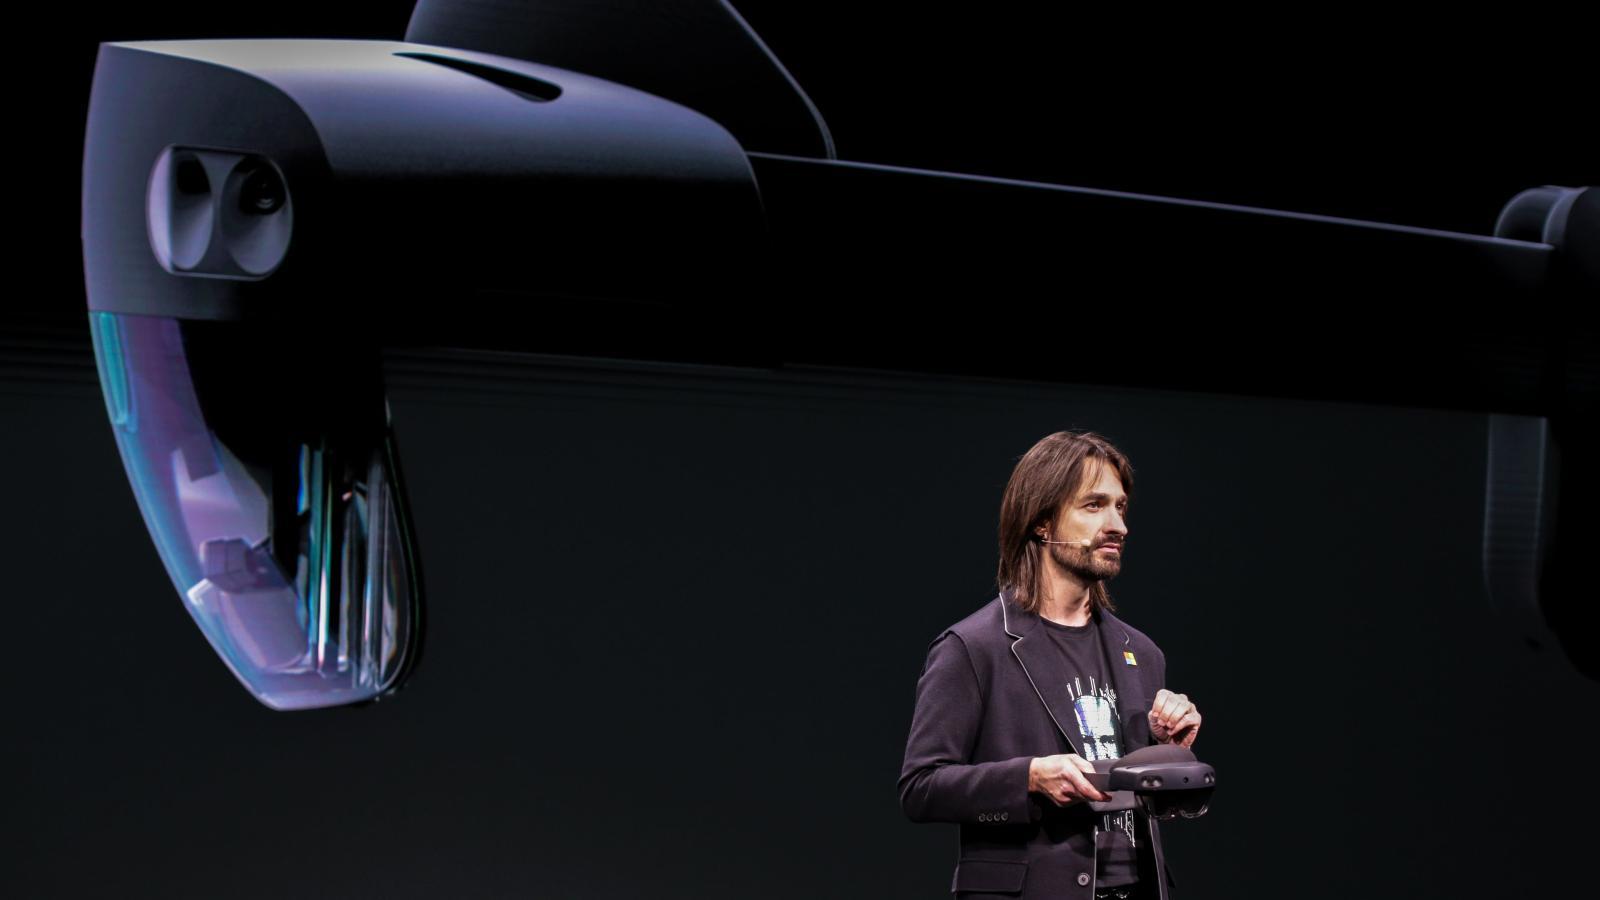 Imagem de Brasileiro que criou o HoloLens conta como teve inspiração para seu visual no tecmundo